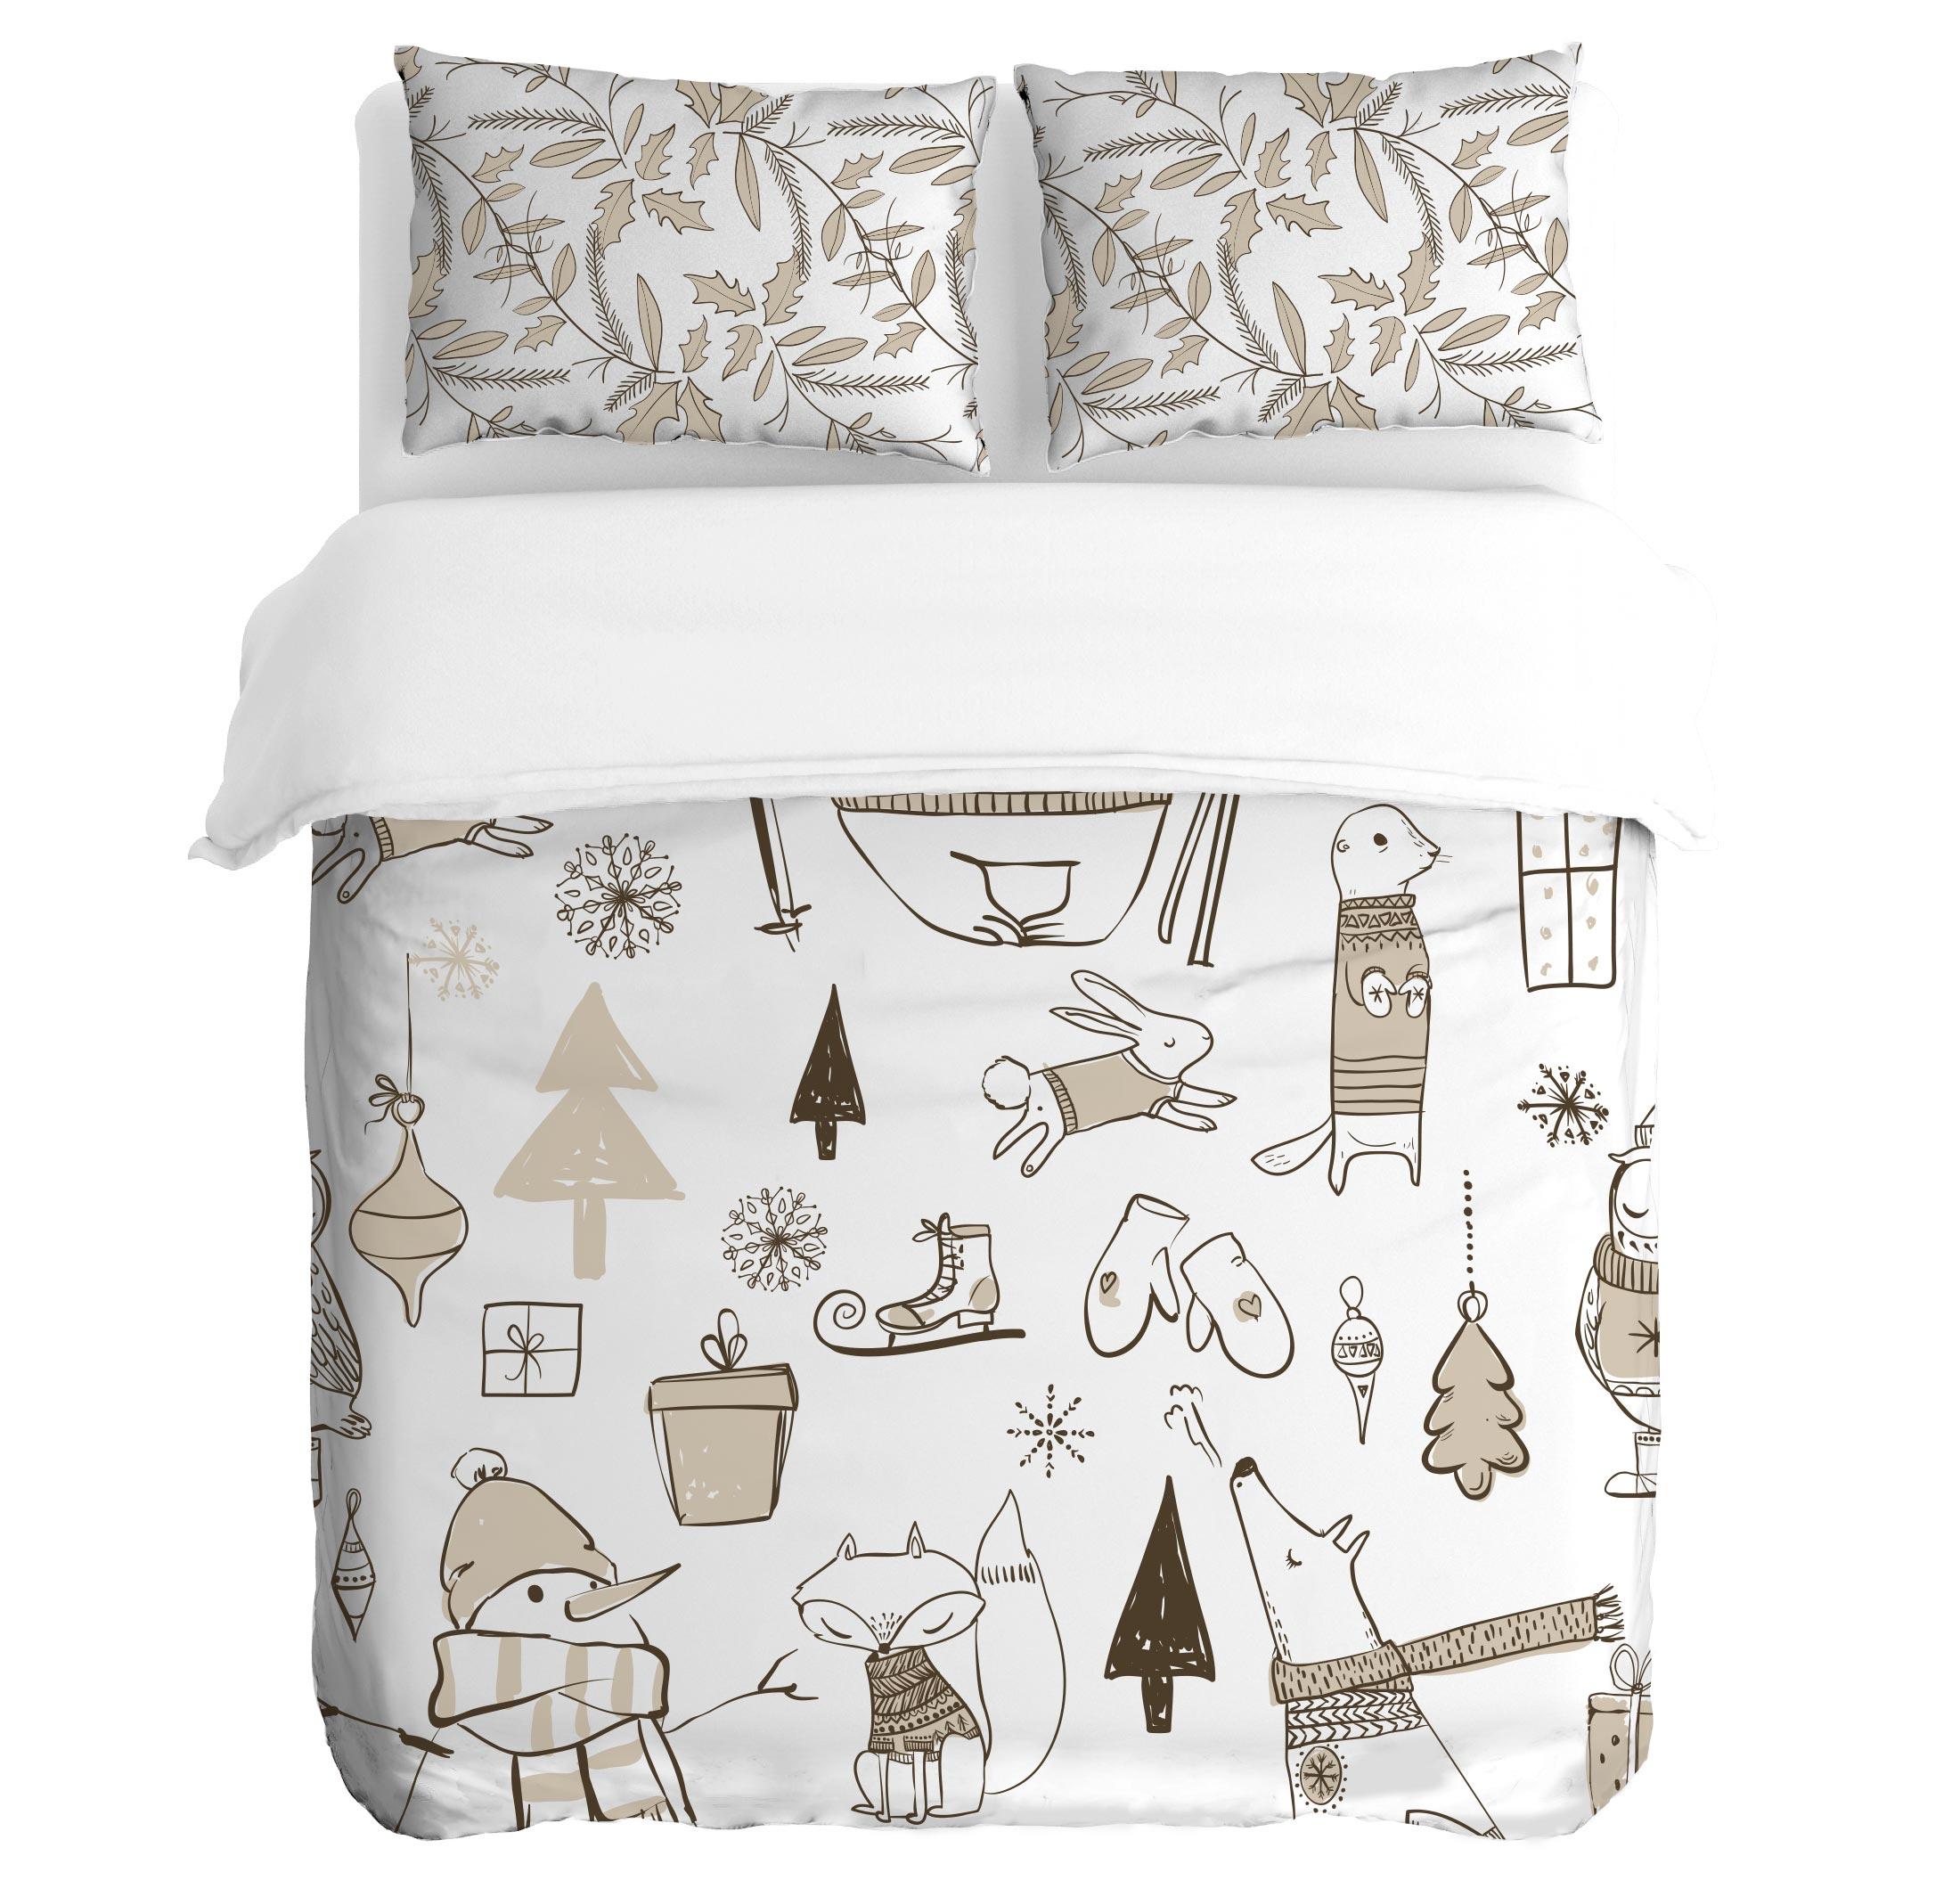 Постельное белье Peach Постельное белье Happy holiday (1,5 спал.) постельное белье мартекс постельное белье микрофибра 3d визит